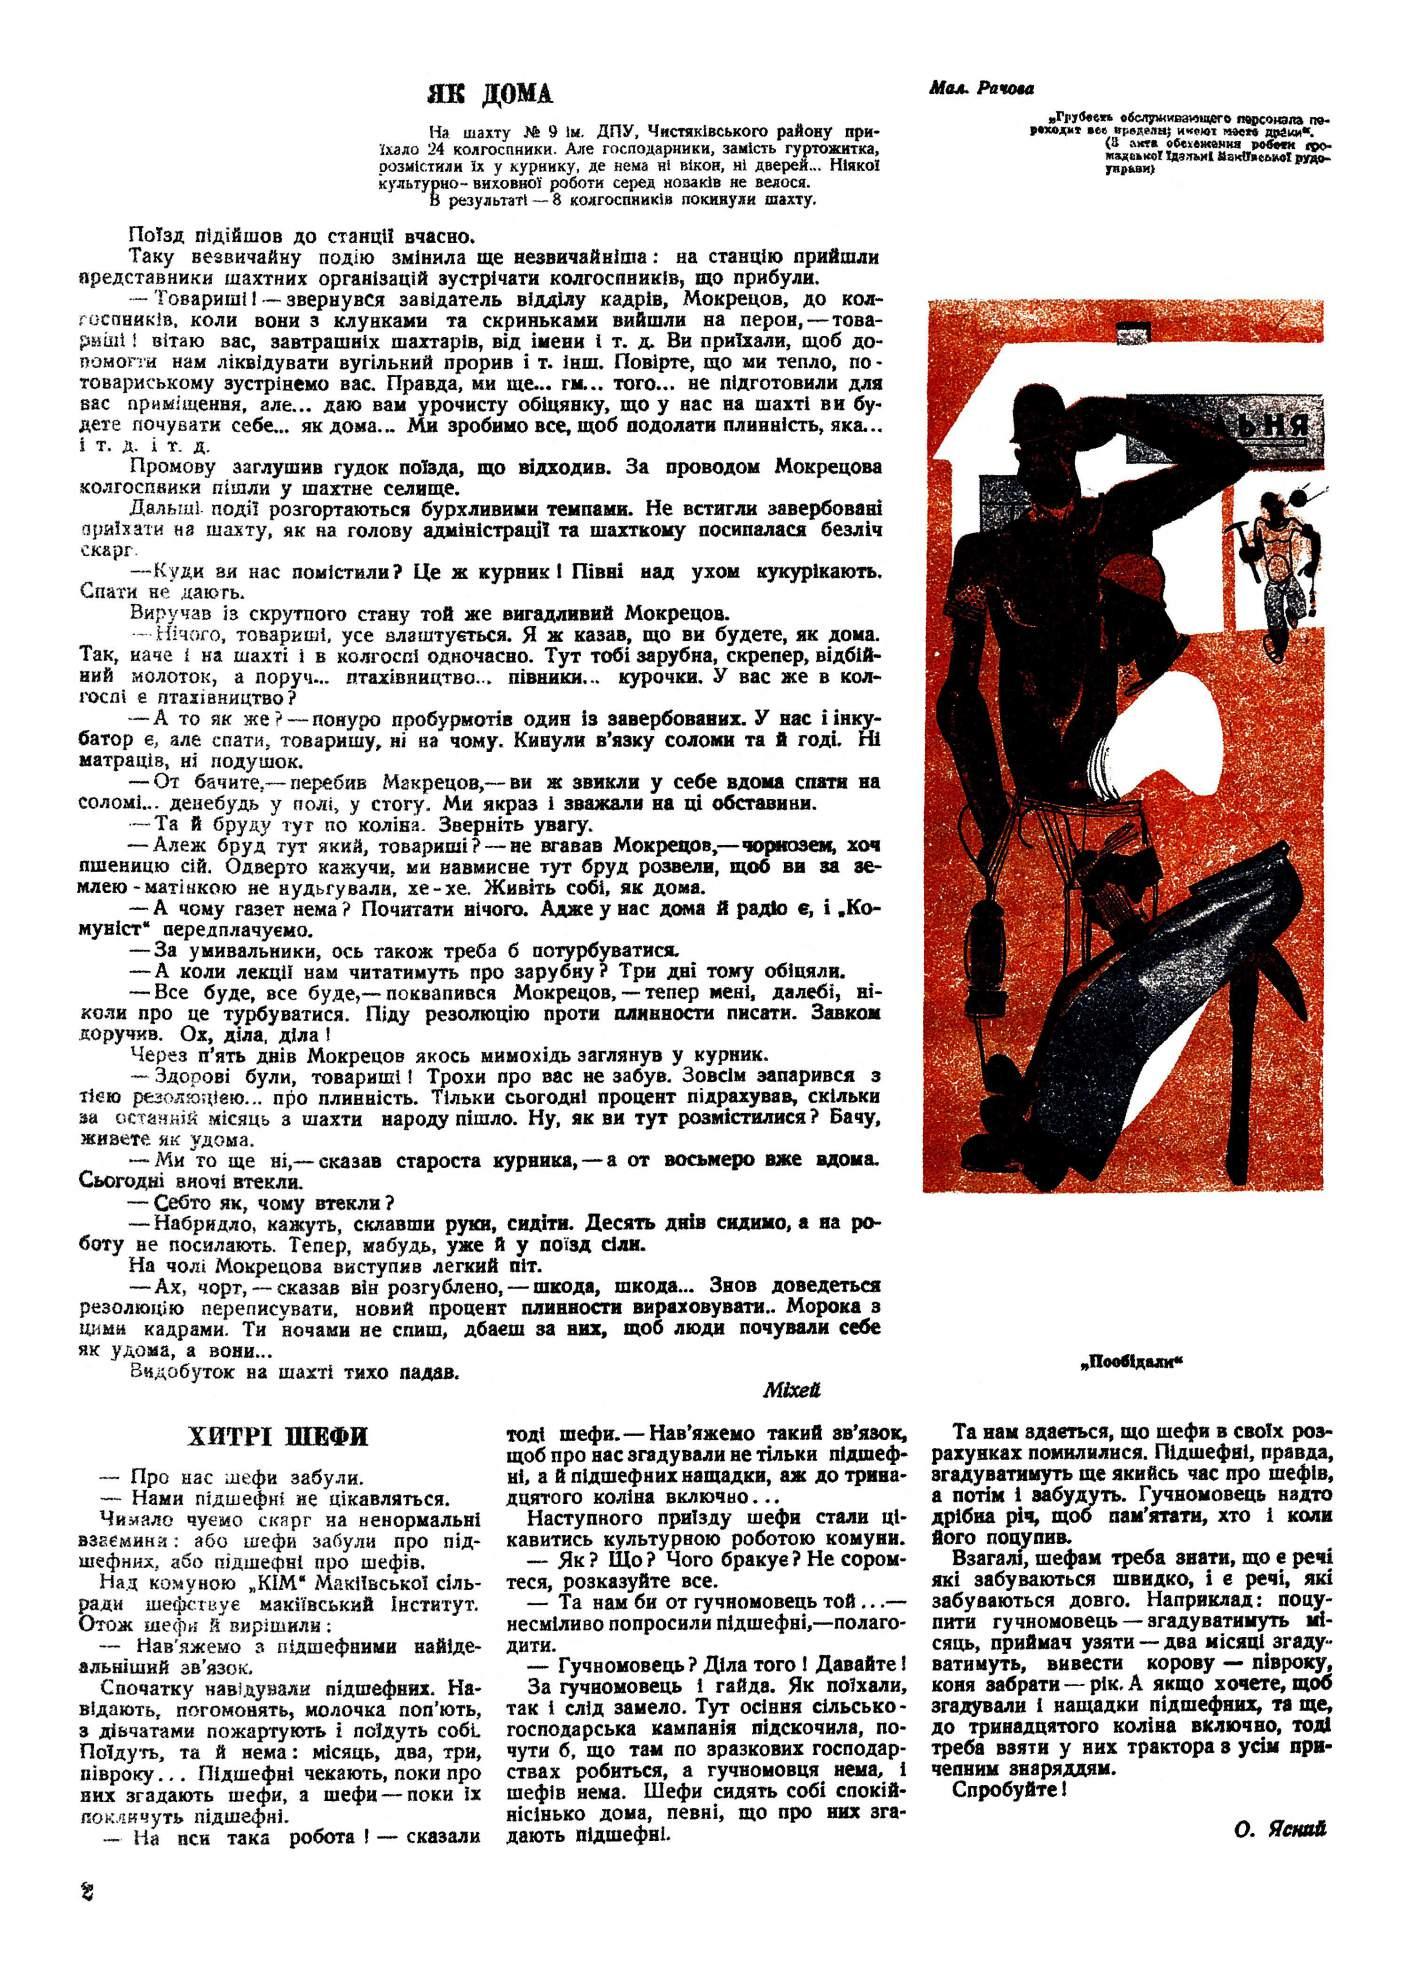 Журнал перець 1931 №14-15